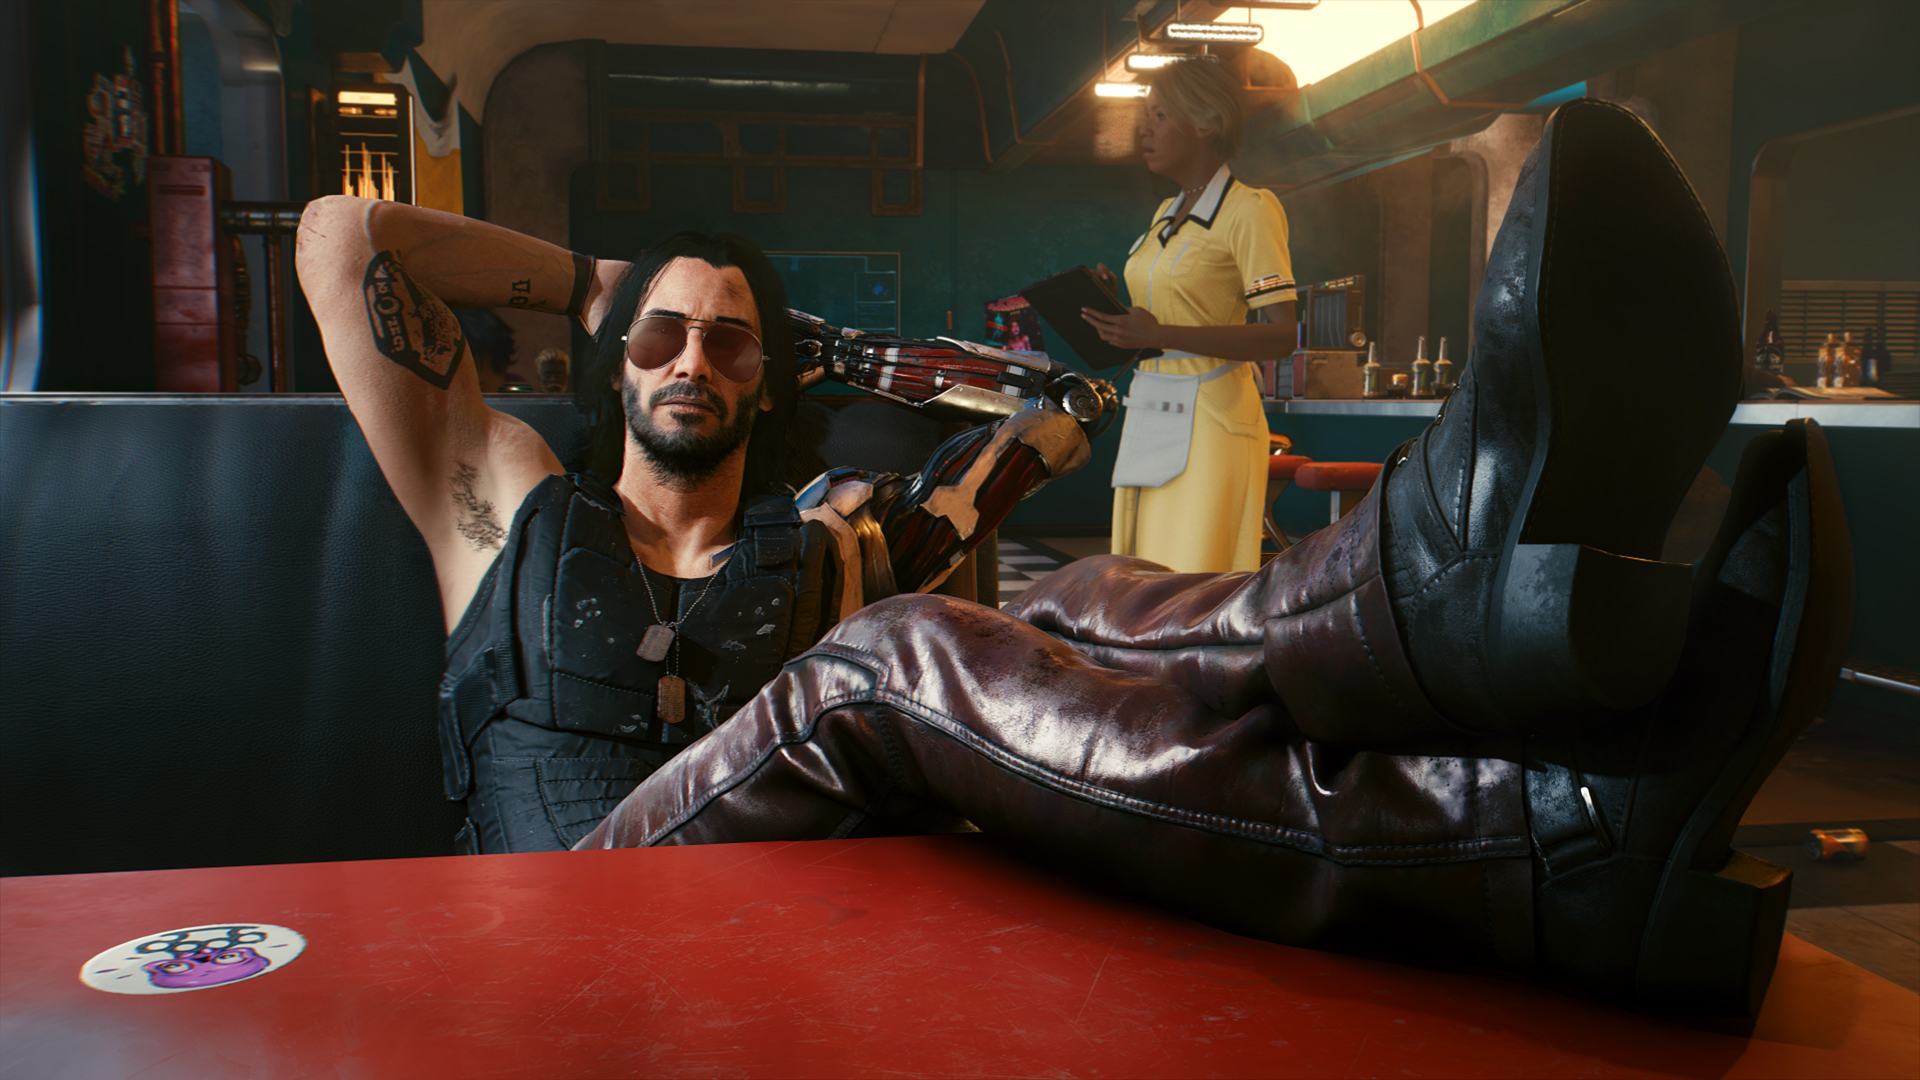 """Eine Szene aus dem Spiel """"Cyberpunk 2077"""". Bild: Presse/ CD Projekt RED"""